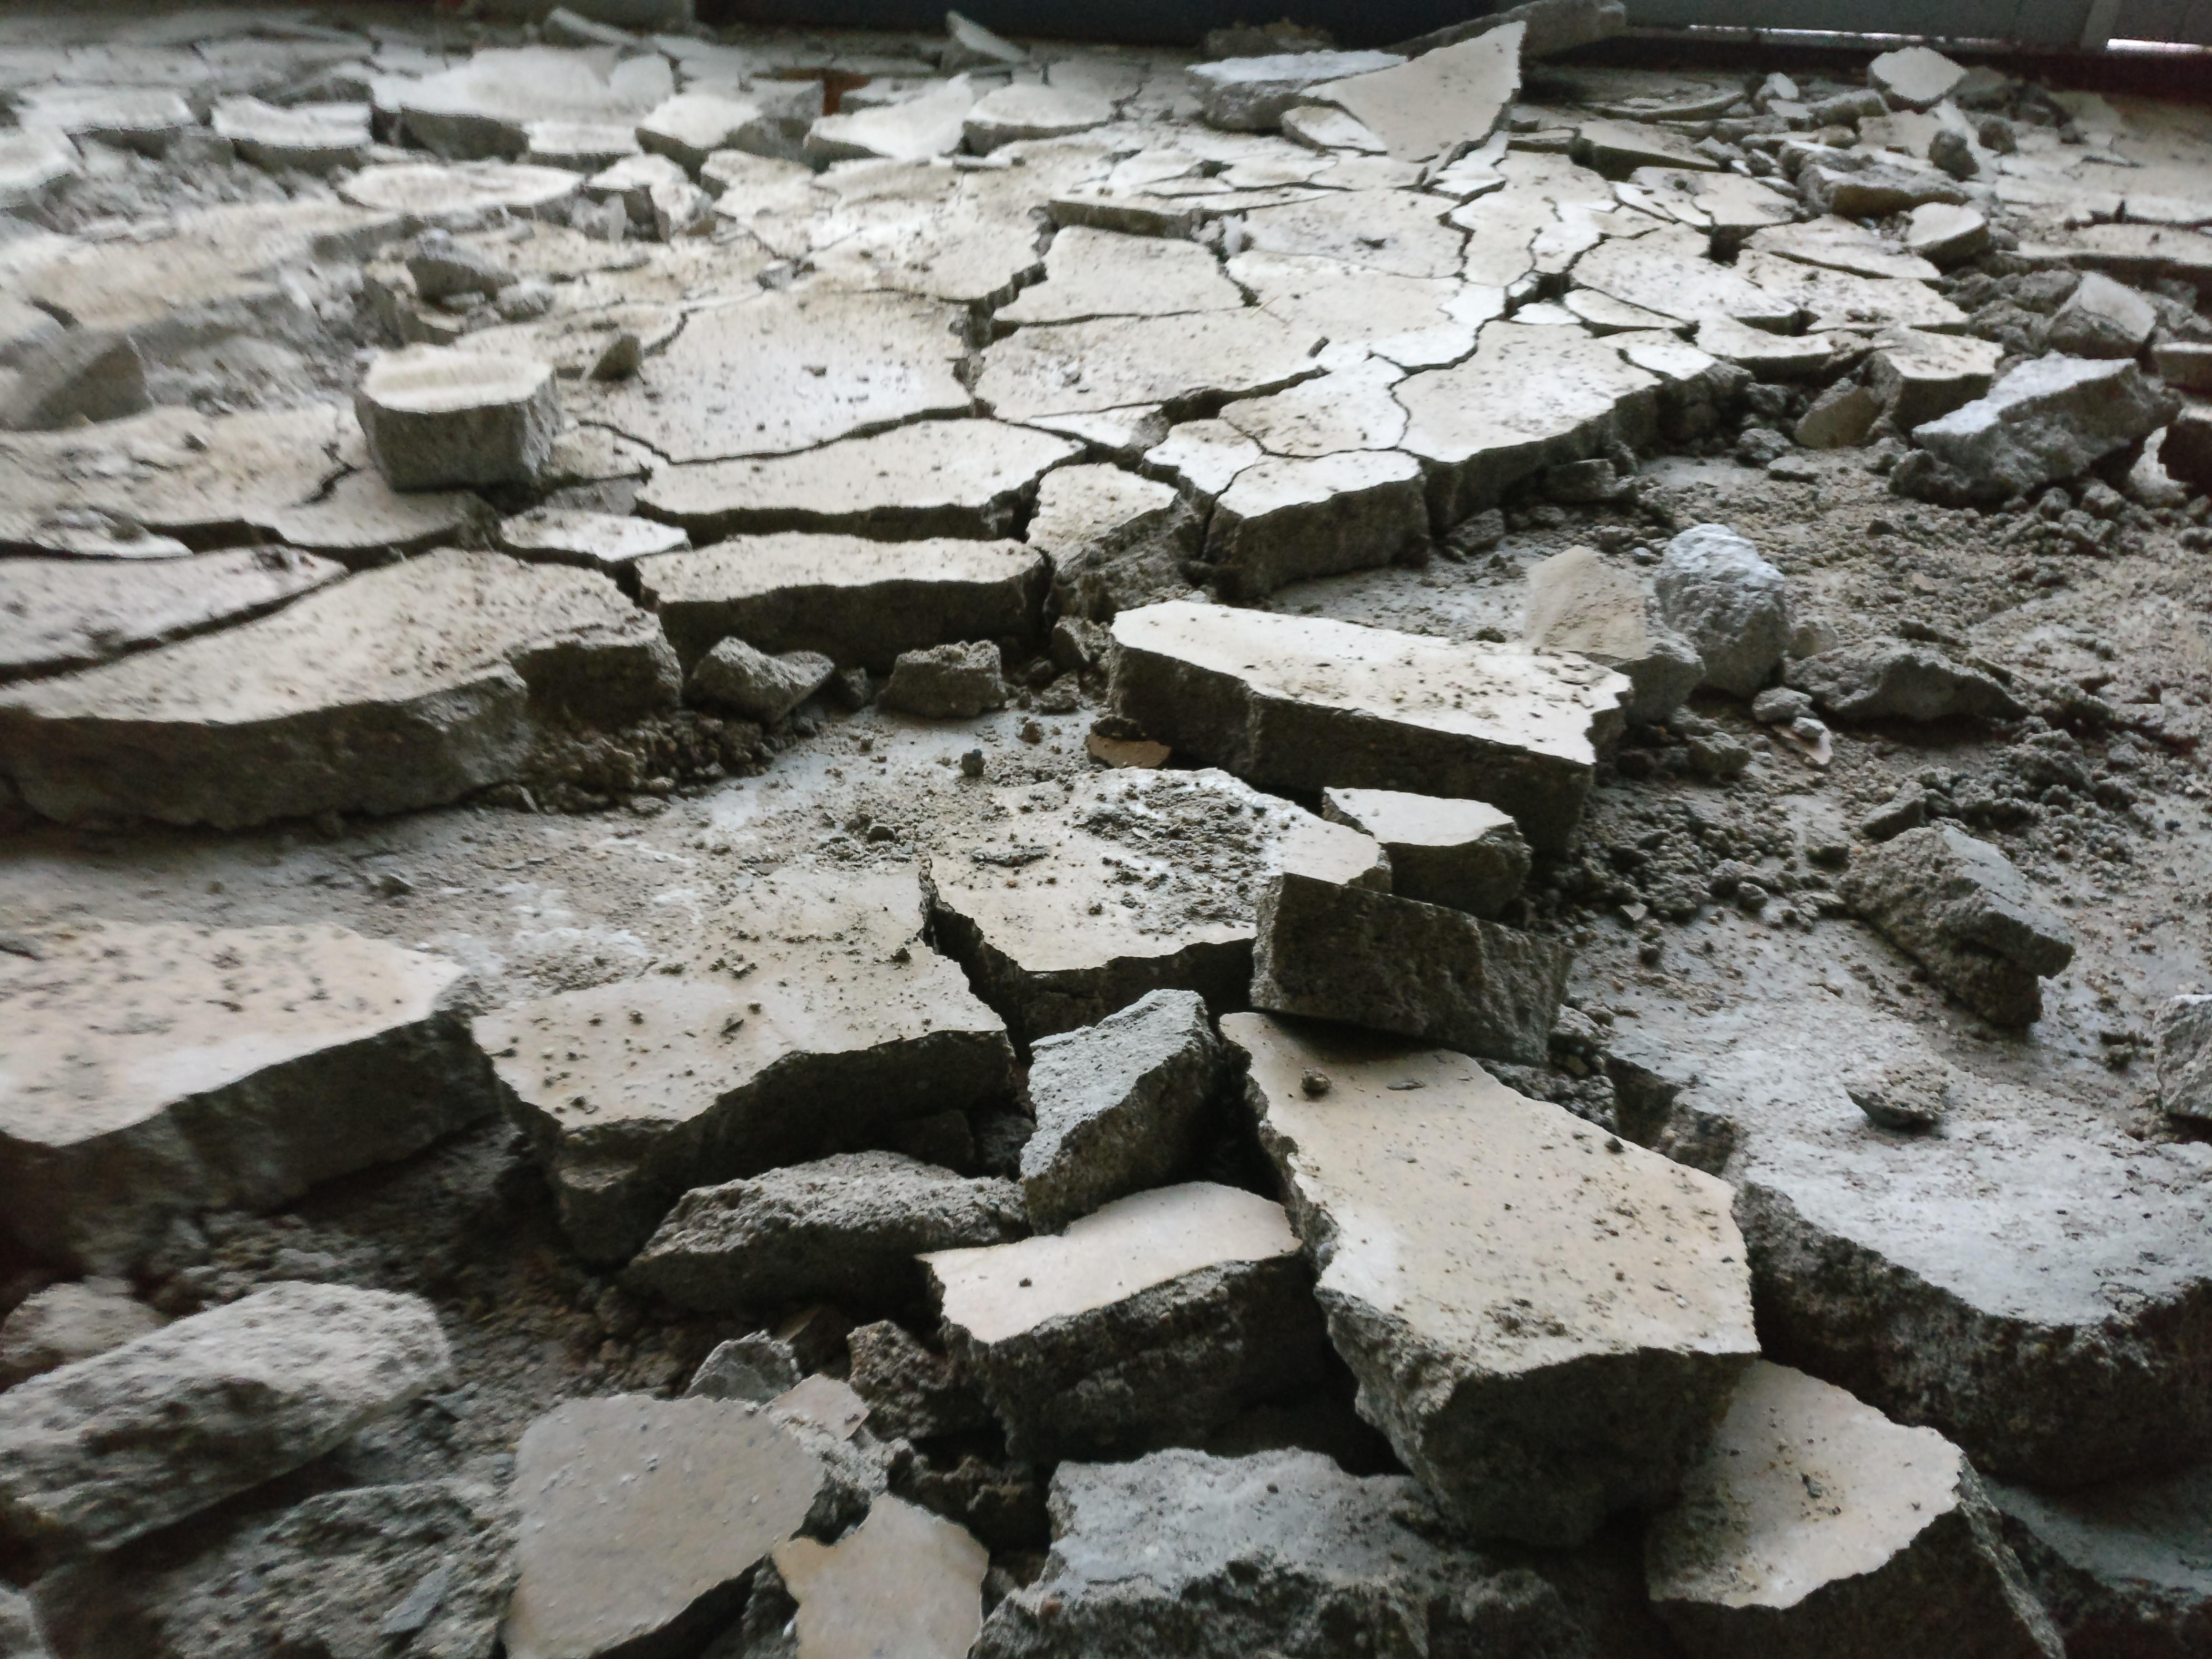 Super Cement dekvloer verwijderen   Stadsbrouwerij Wageningen MW85